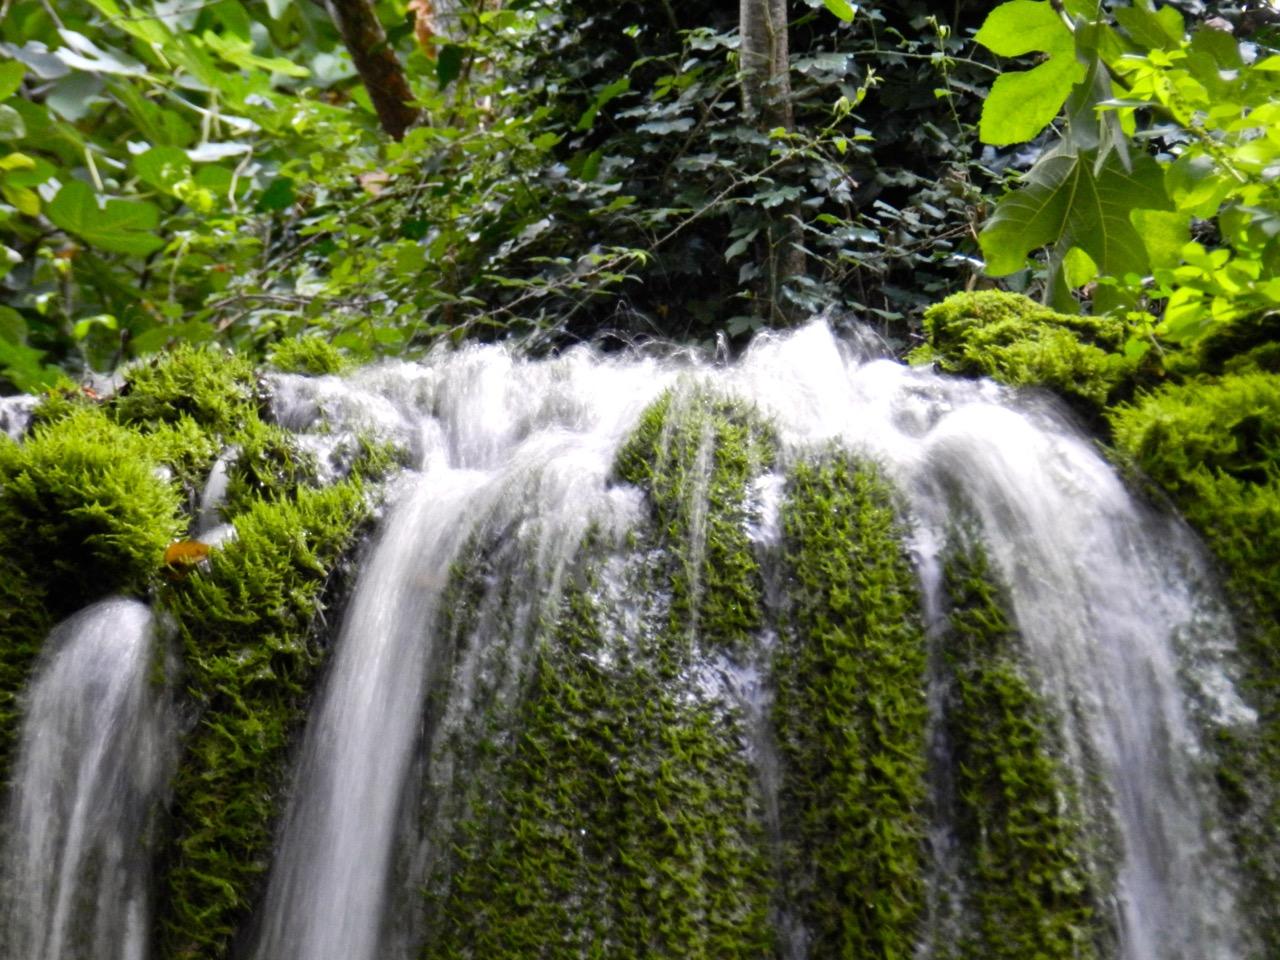 Überall Wasser und Grün